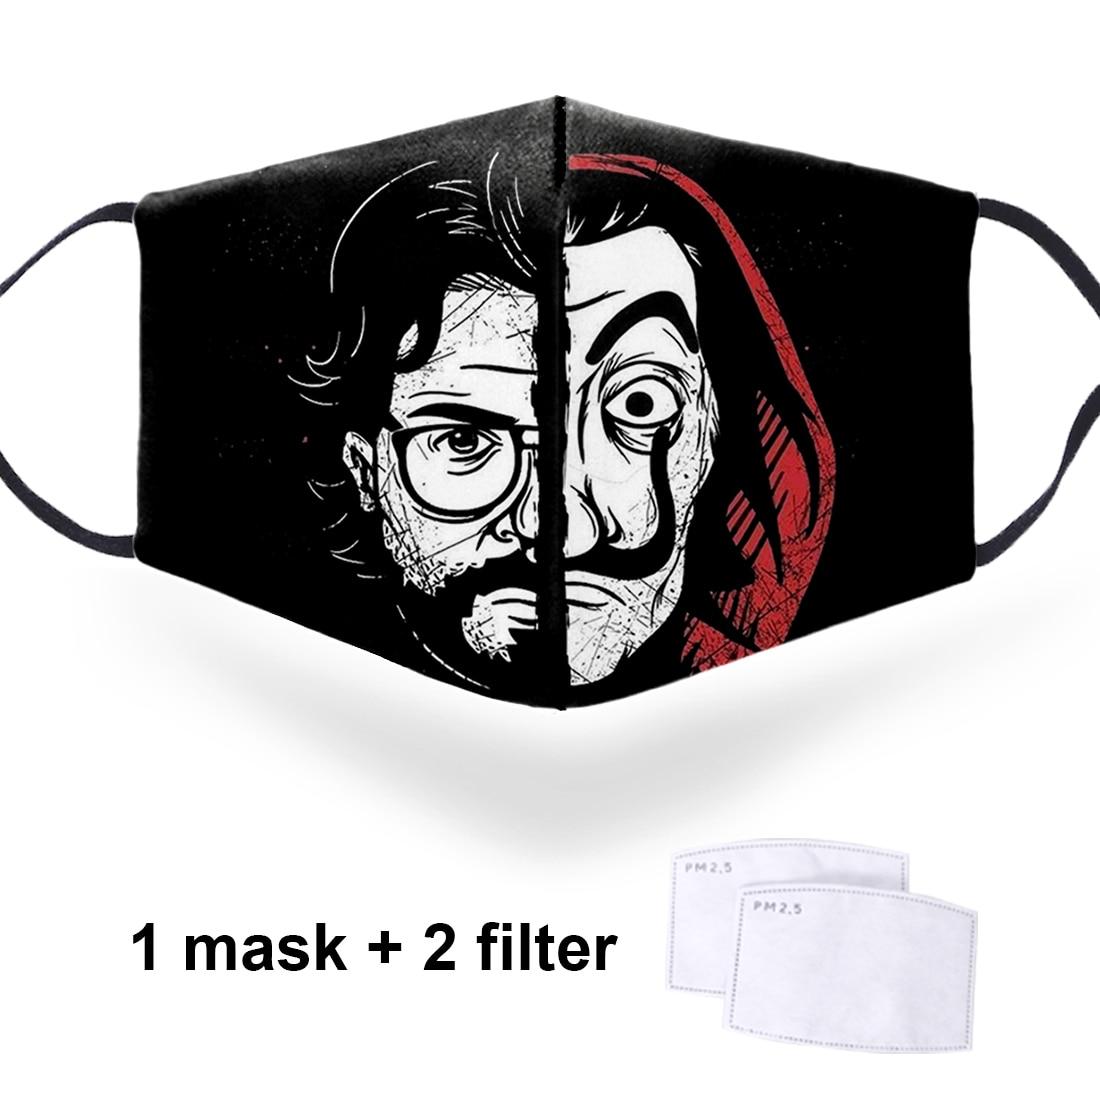 House Of Paper Money Heist La Casa De Papel Vintage Printing 3D Masks Soft Face Mouth Masks Dustproof Reusable PM2.5 Filter Mask